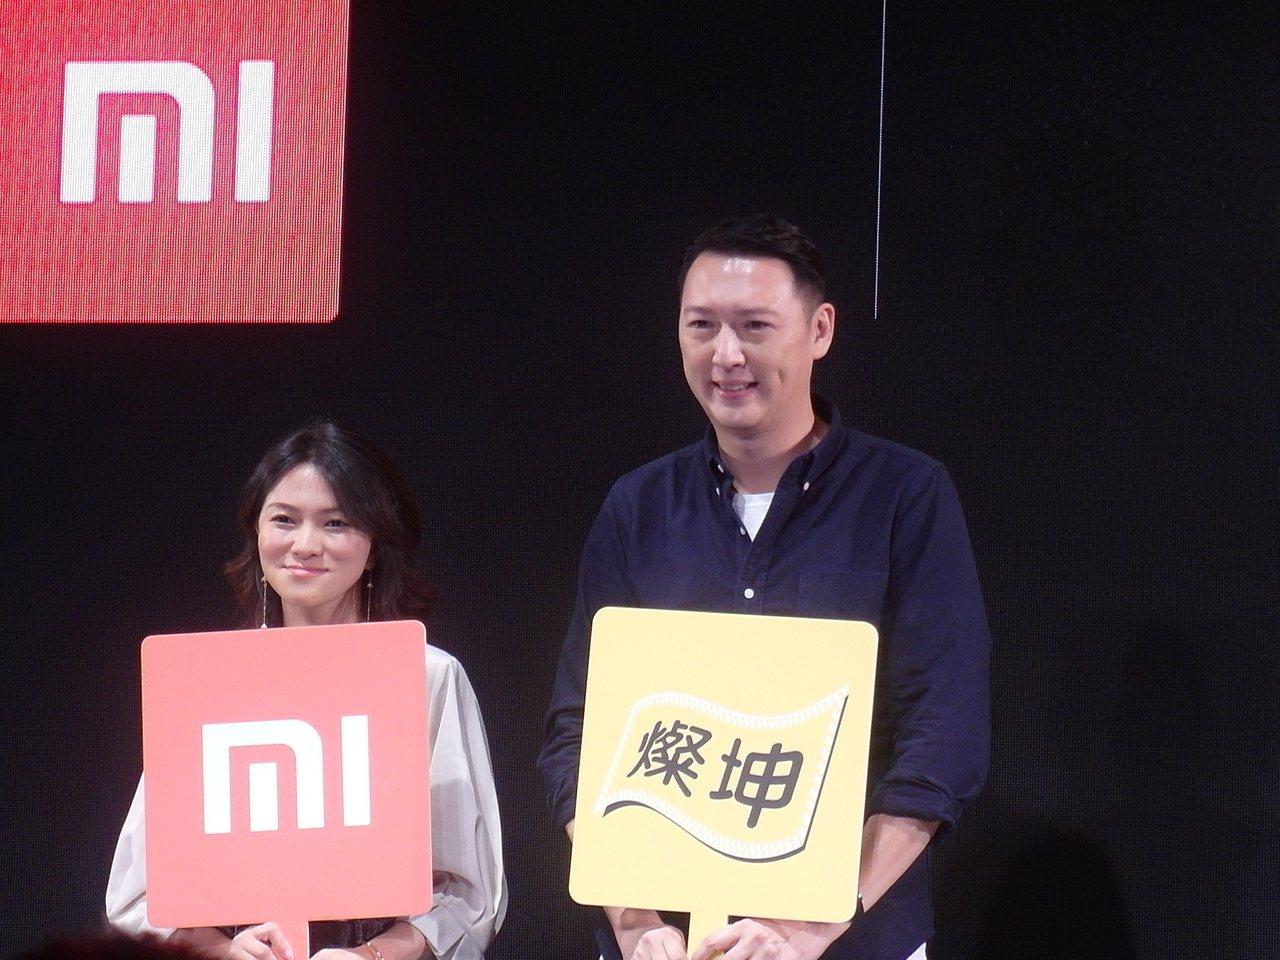 小米台灣總經理羅燕(左)與燦坤3C總經理李佳峰。 記者何佩儒/攝影